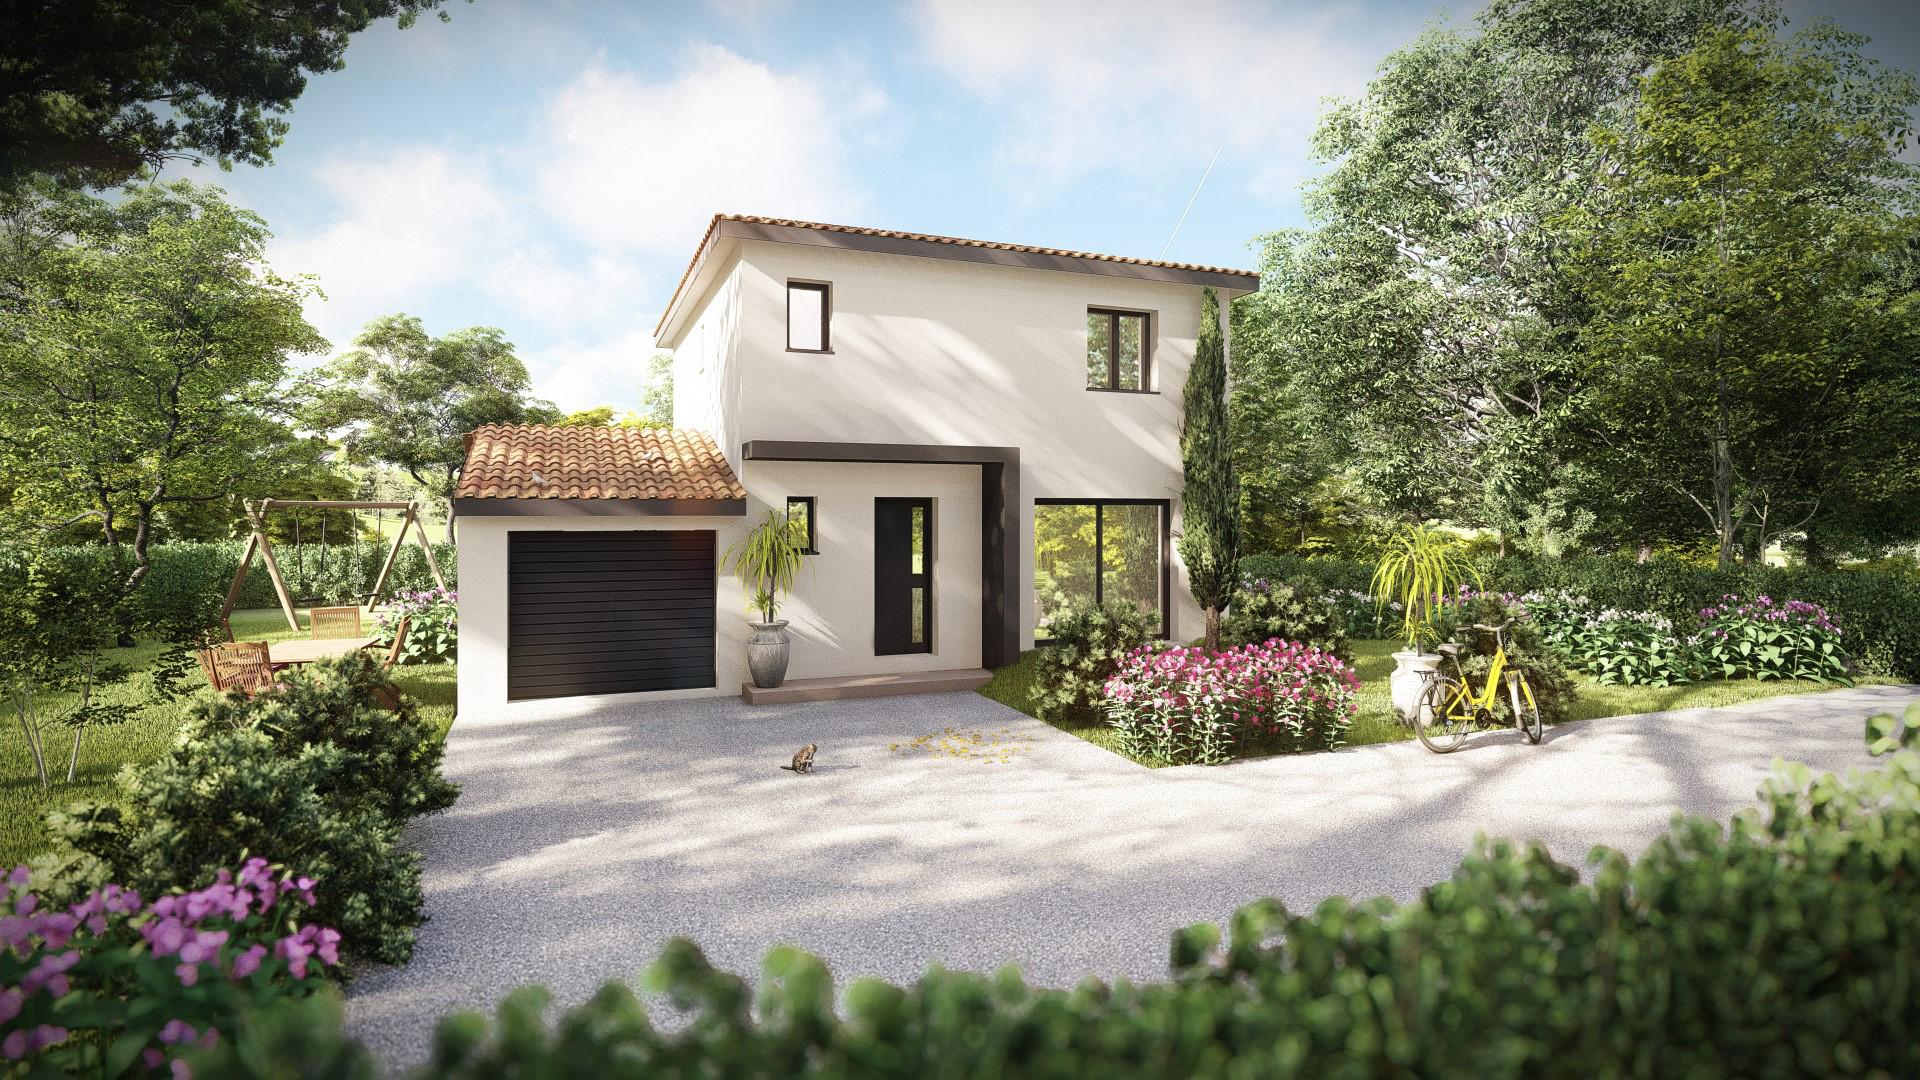 Maisons + Terrains du constructeur MV PROMOTION • 90 m² • CLARET